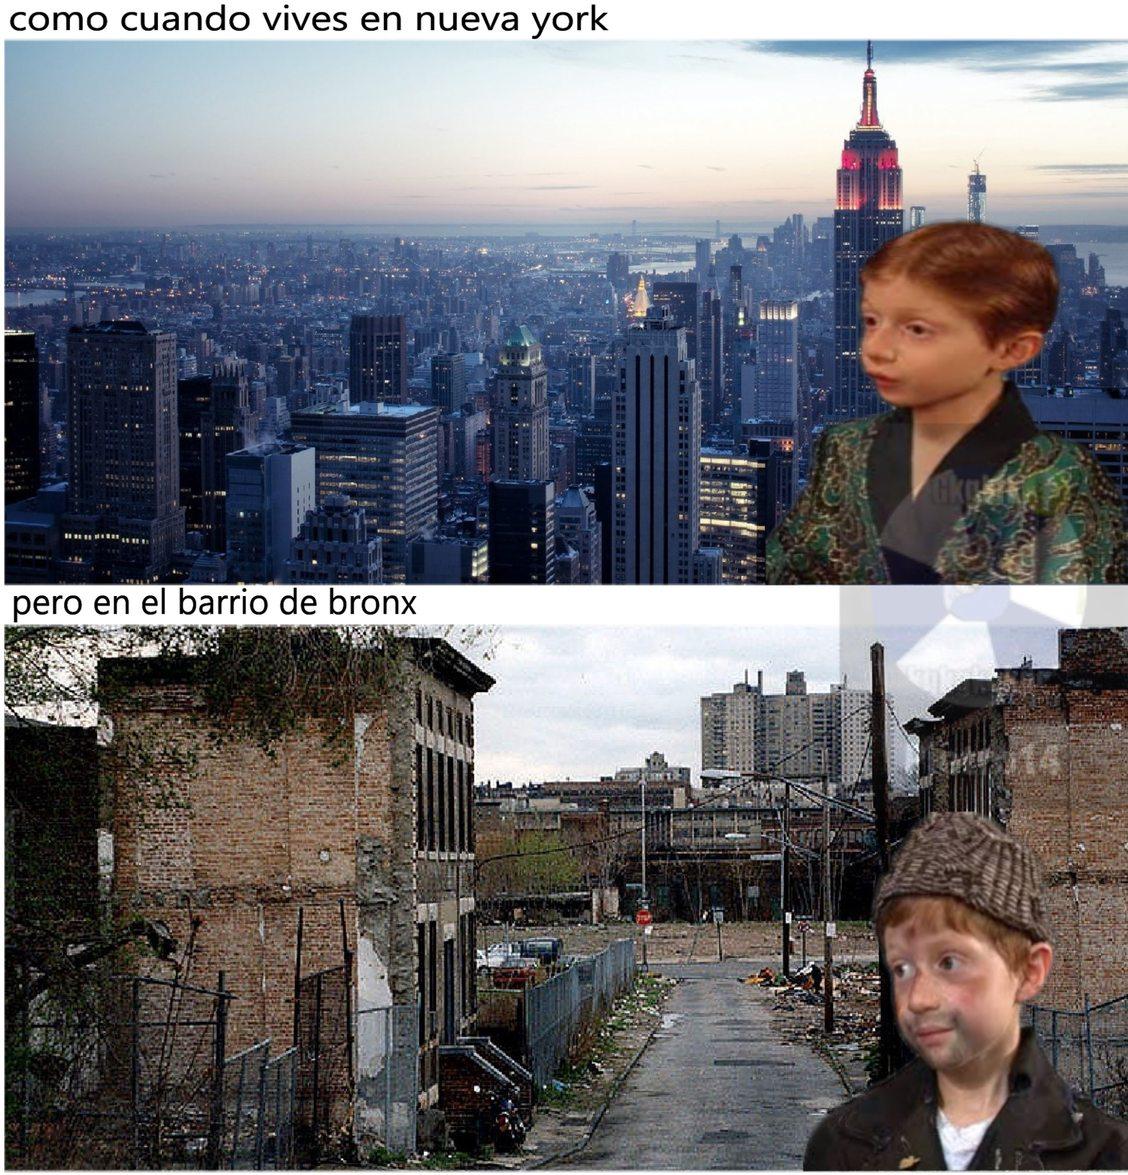 nueva york rica y pobre - meme